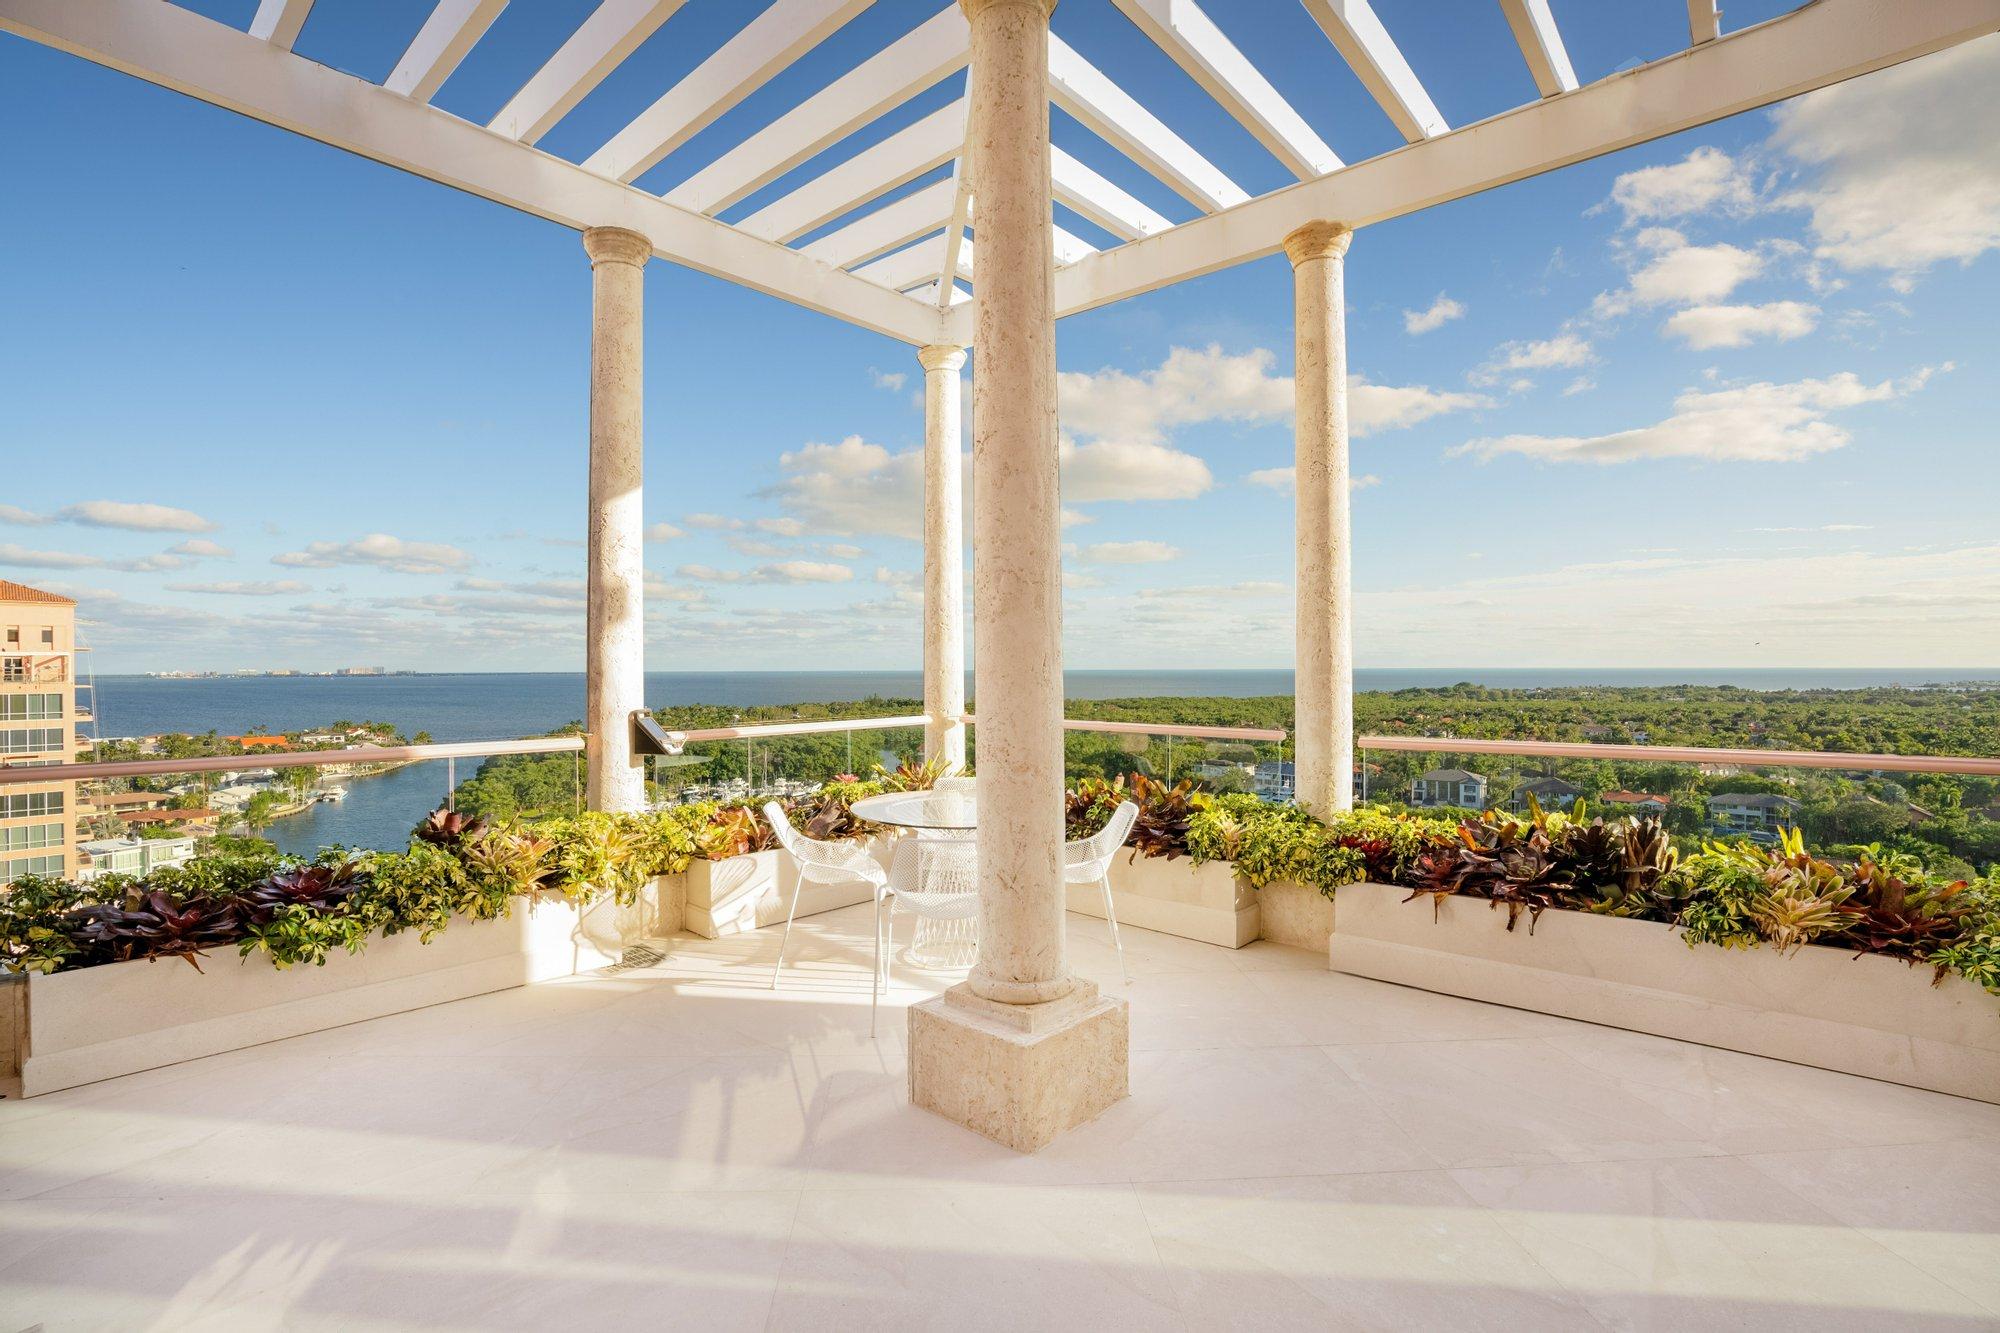 Condo in Miami, Florida, United States 1 - 11331743